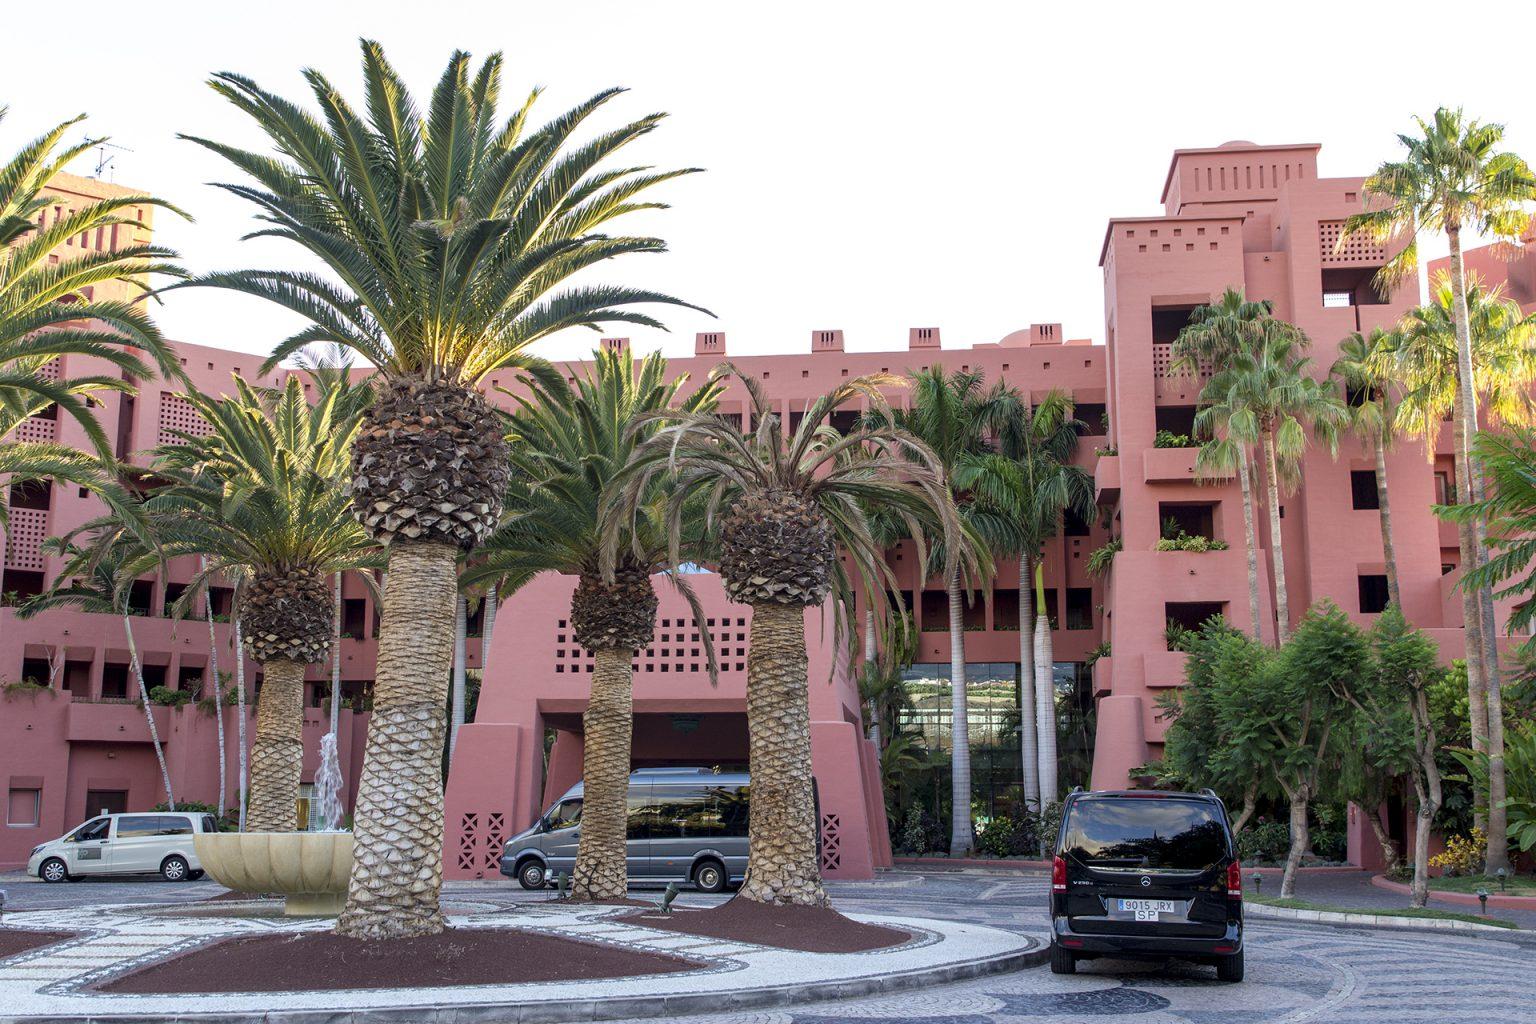 M.B Martin Berasategui, Tenerife, Canarie